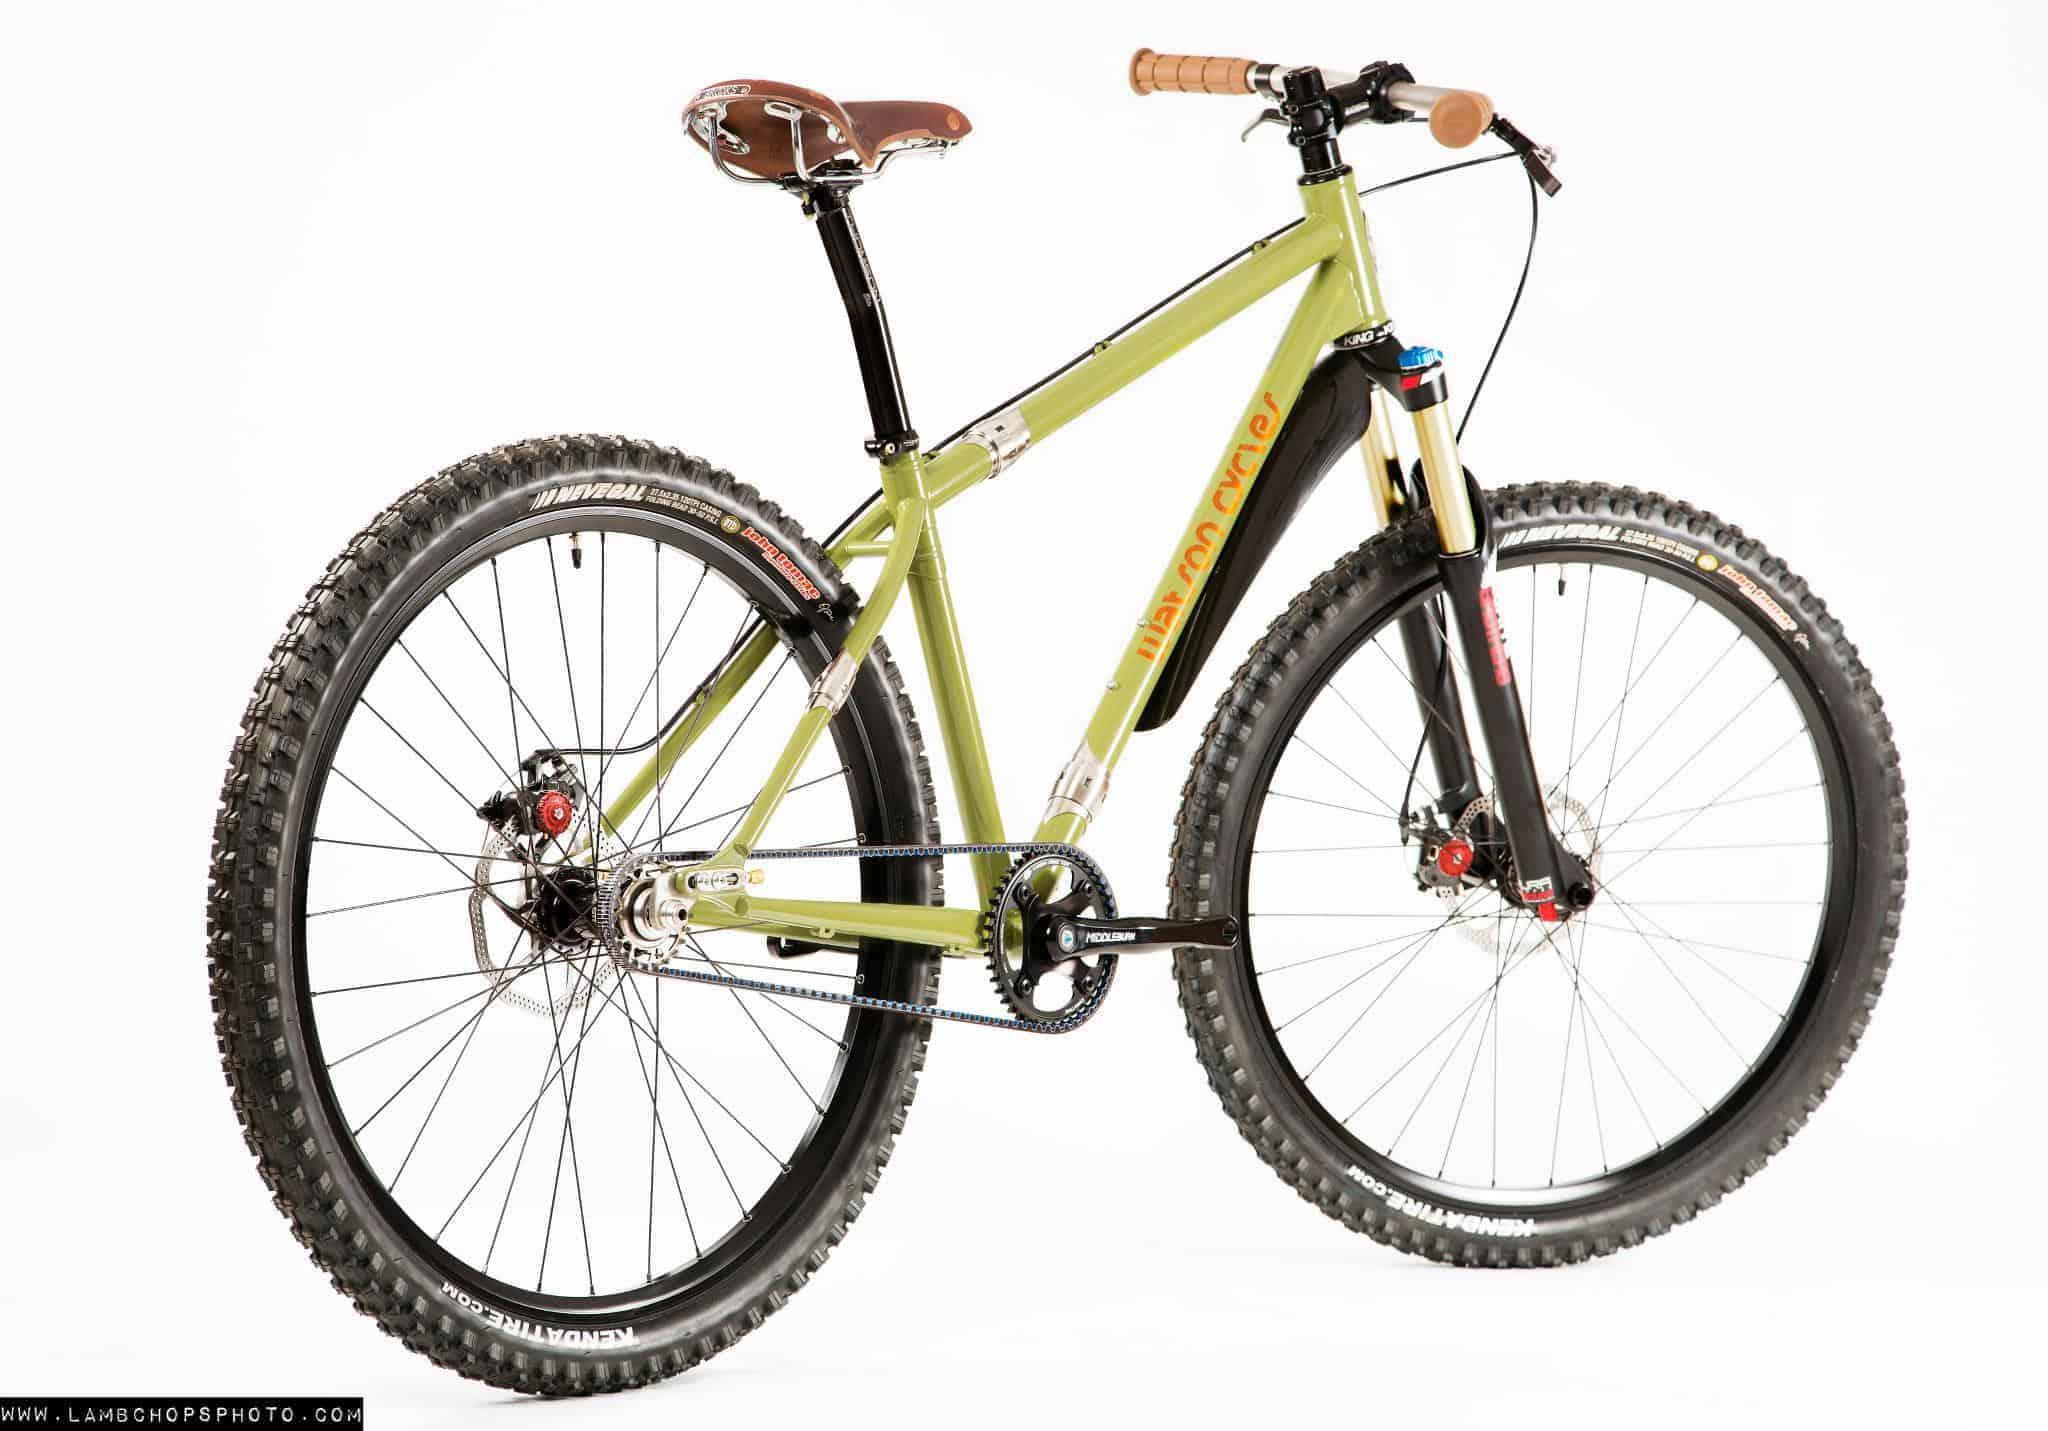 Bikes 27.5 Watson Cycles Runination